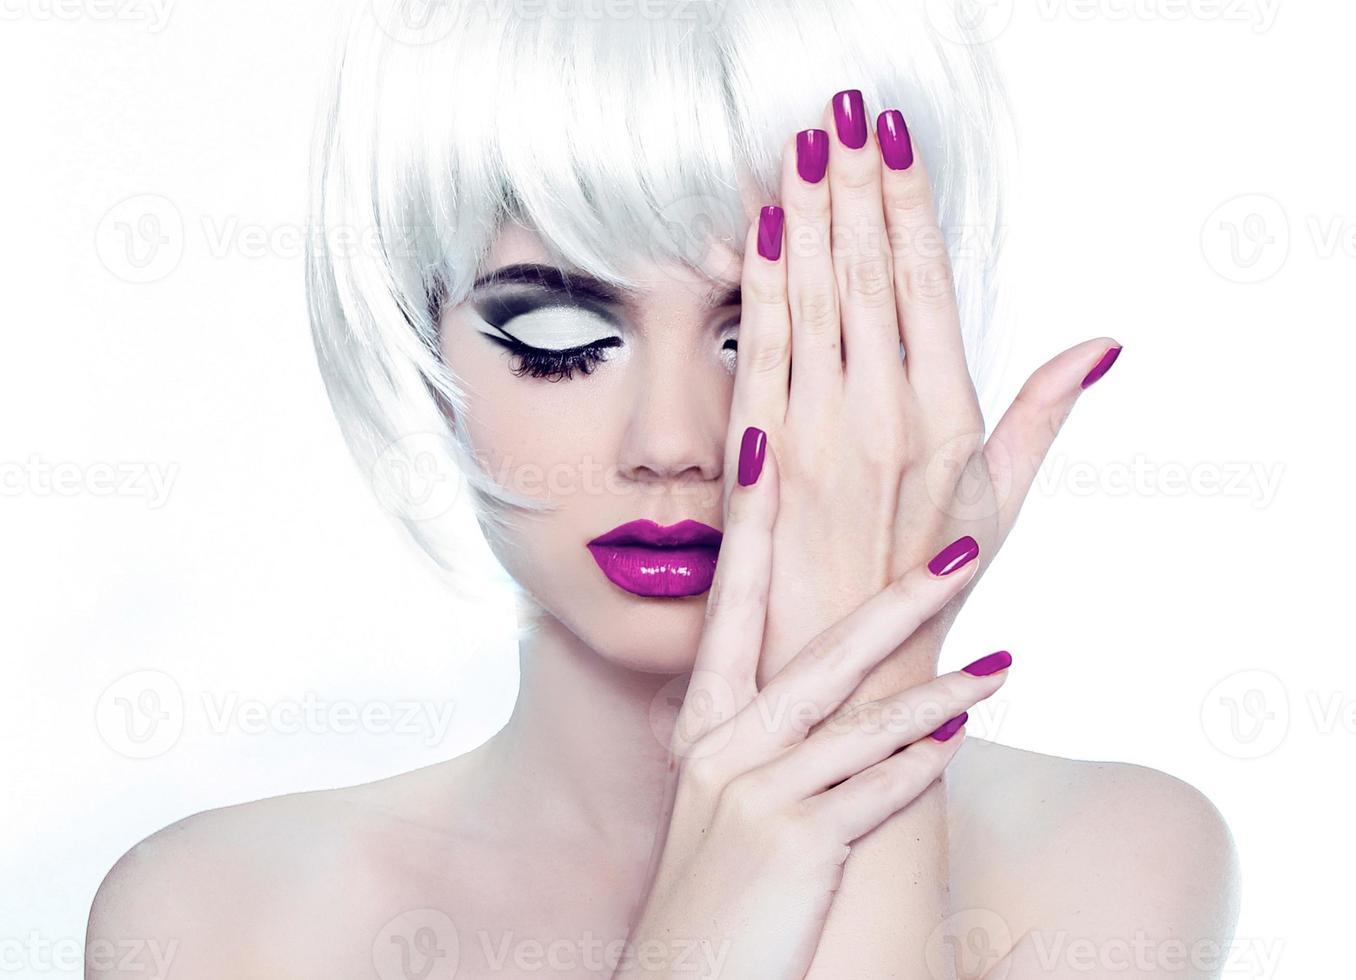 maquiagem e unhas polidas bem cuidadas. moda estilo beleza mulher foto